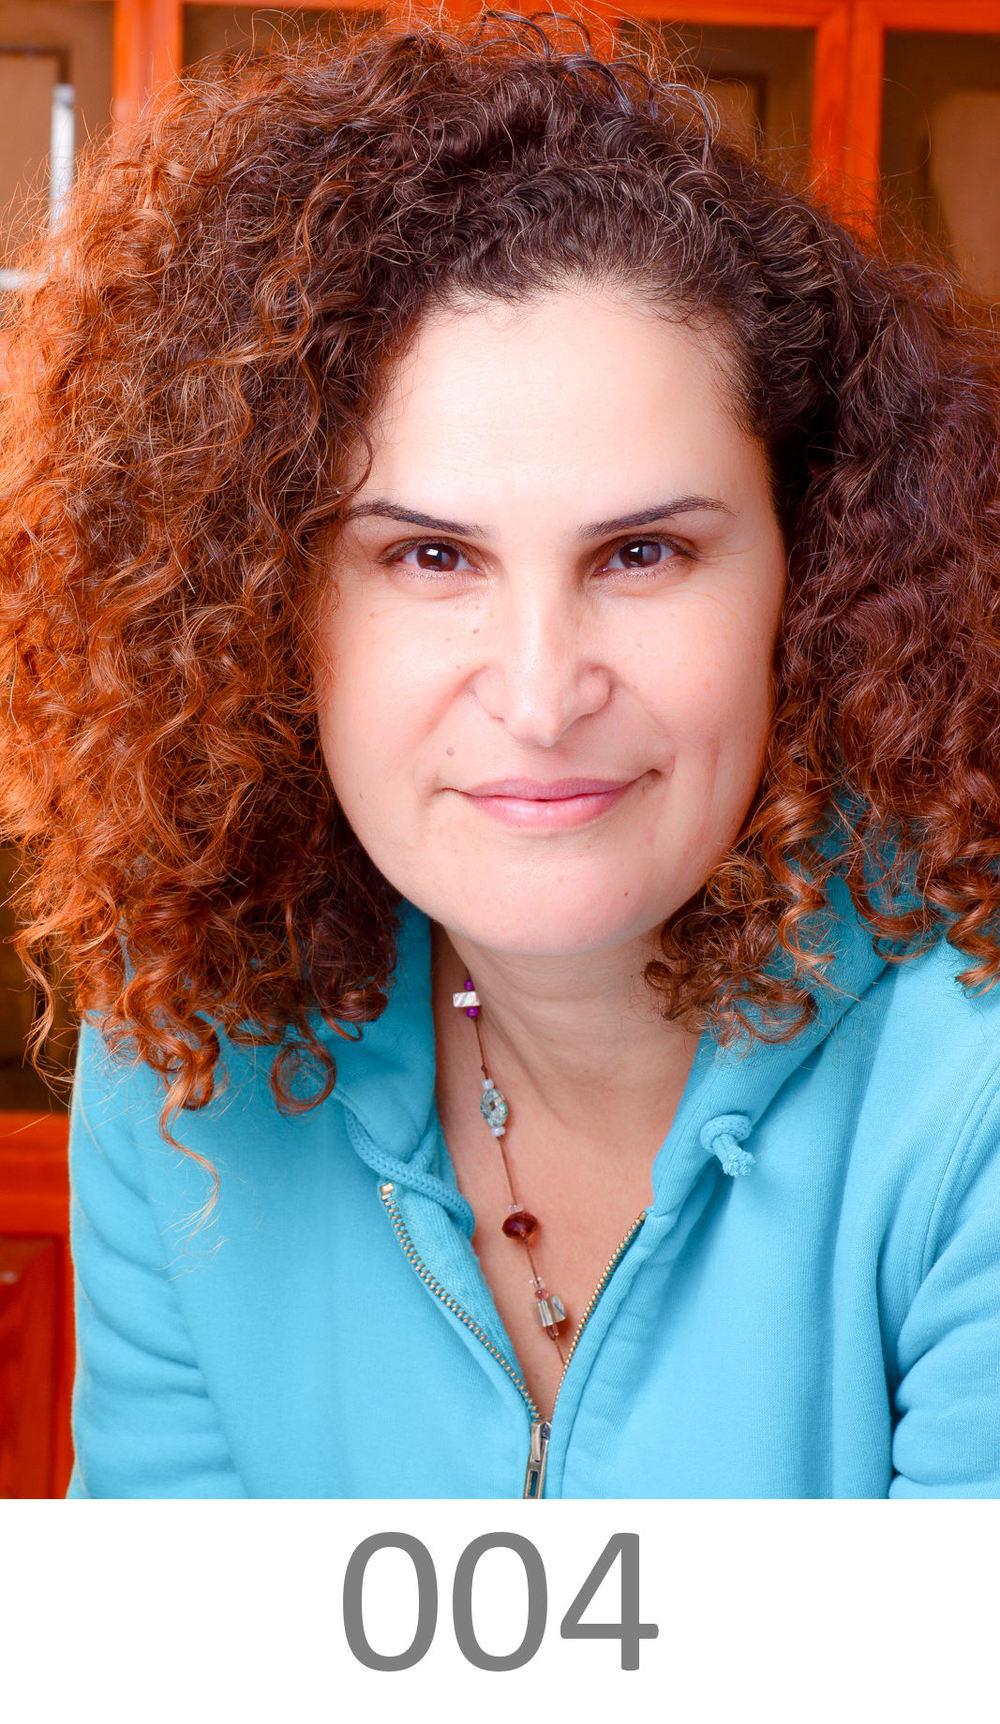 DanaWeisborg Portrait ItaiAviran 004.jpg